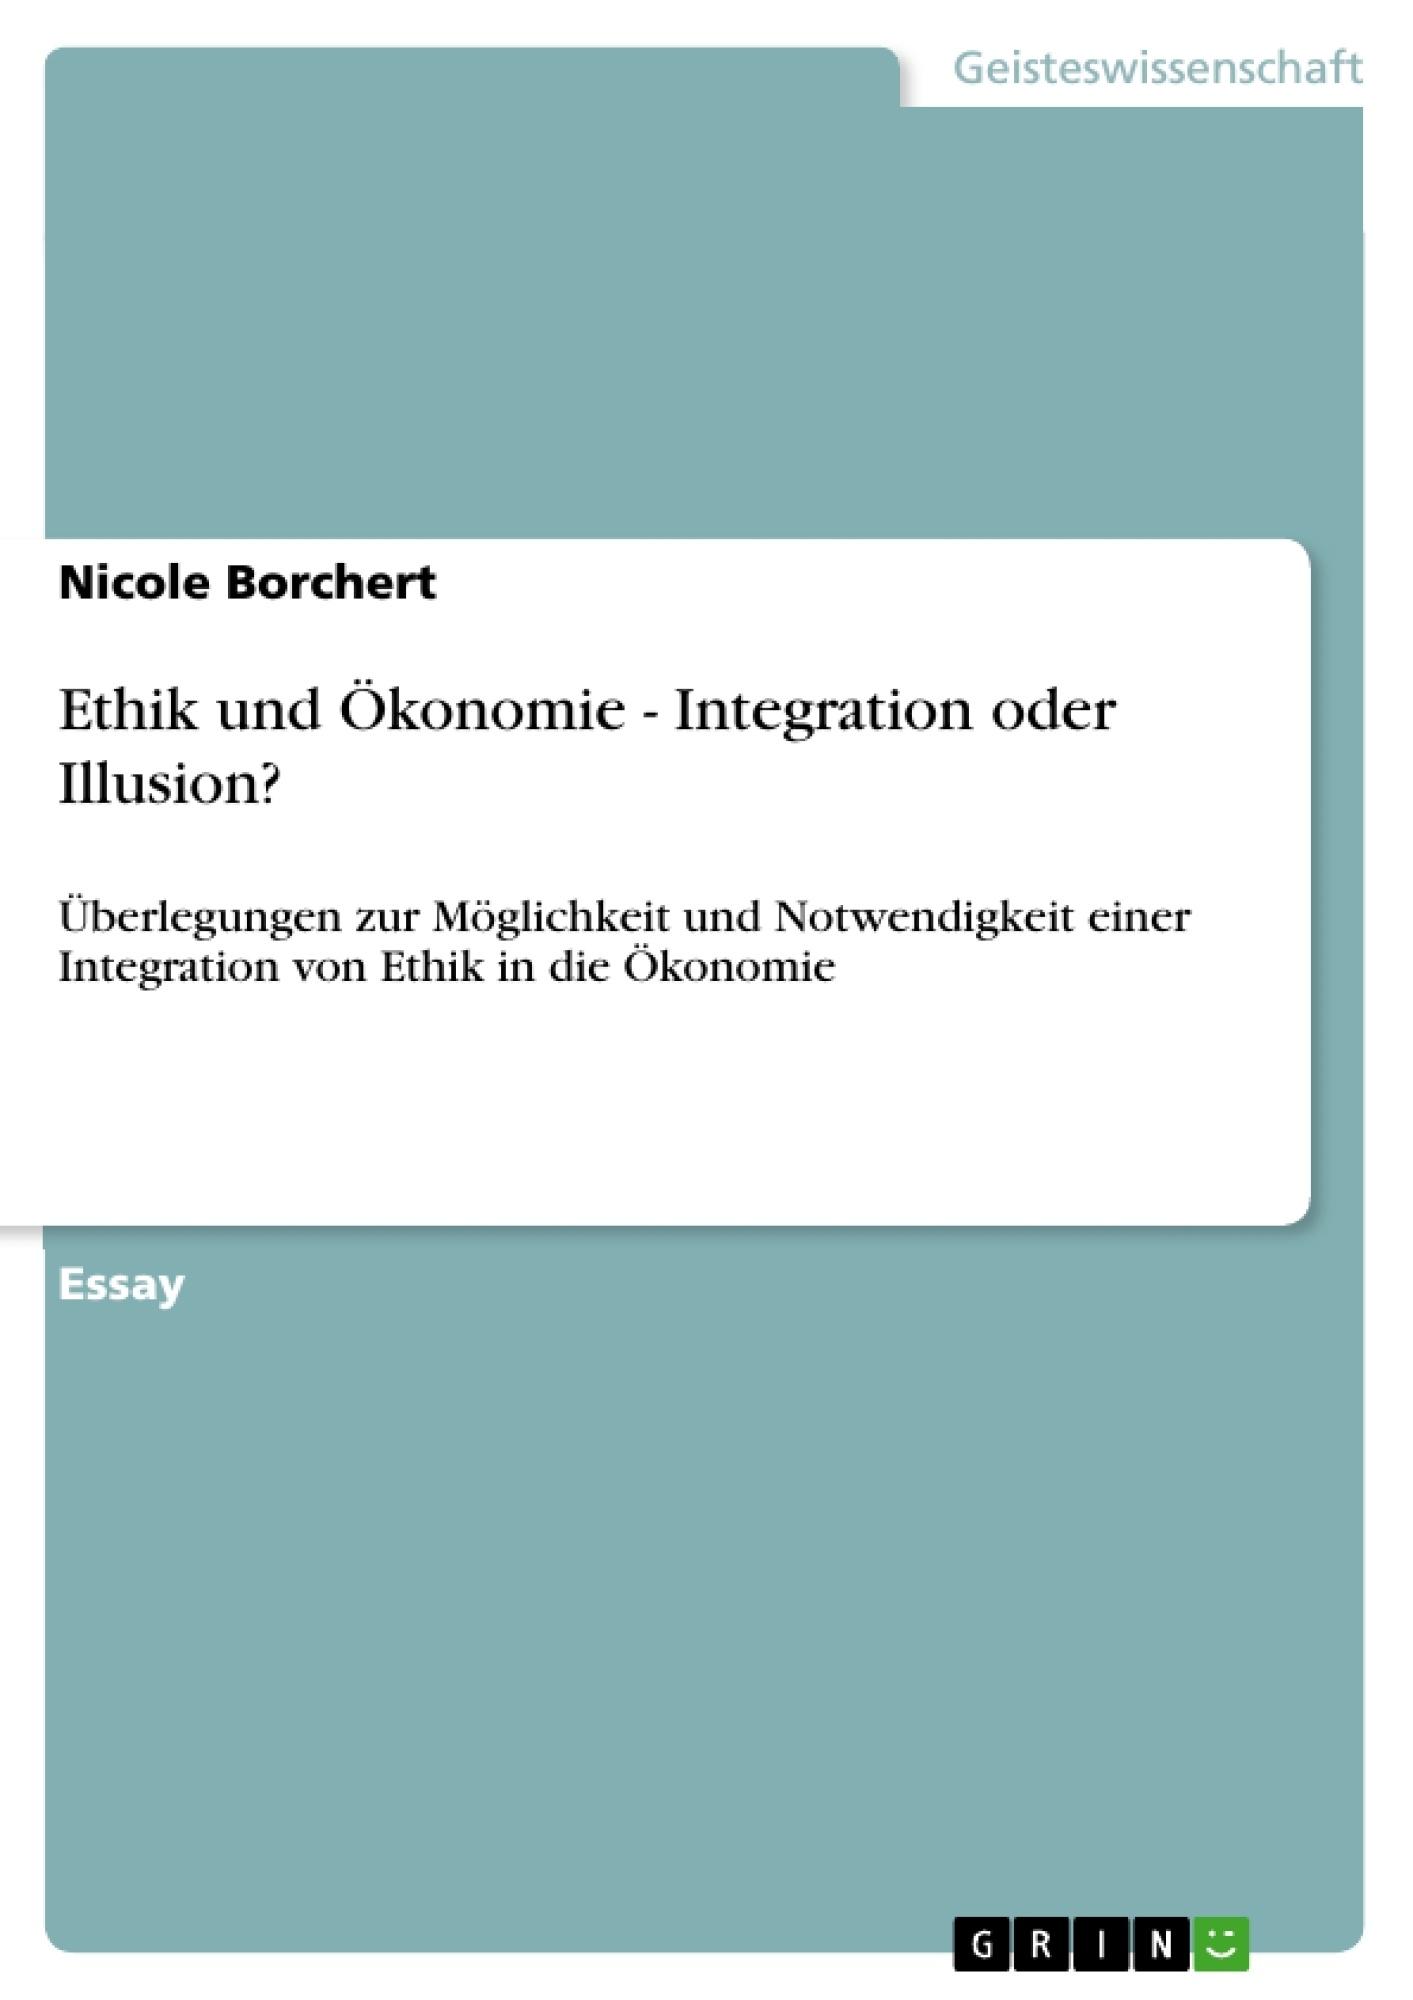 Titel: Ethik und Ökonomie - Integration oder Illusion?